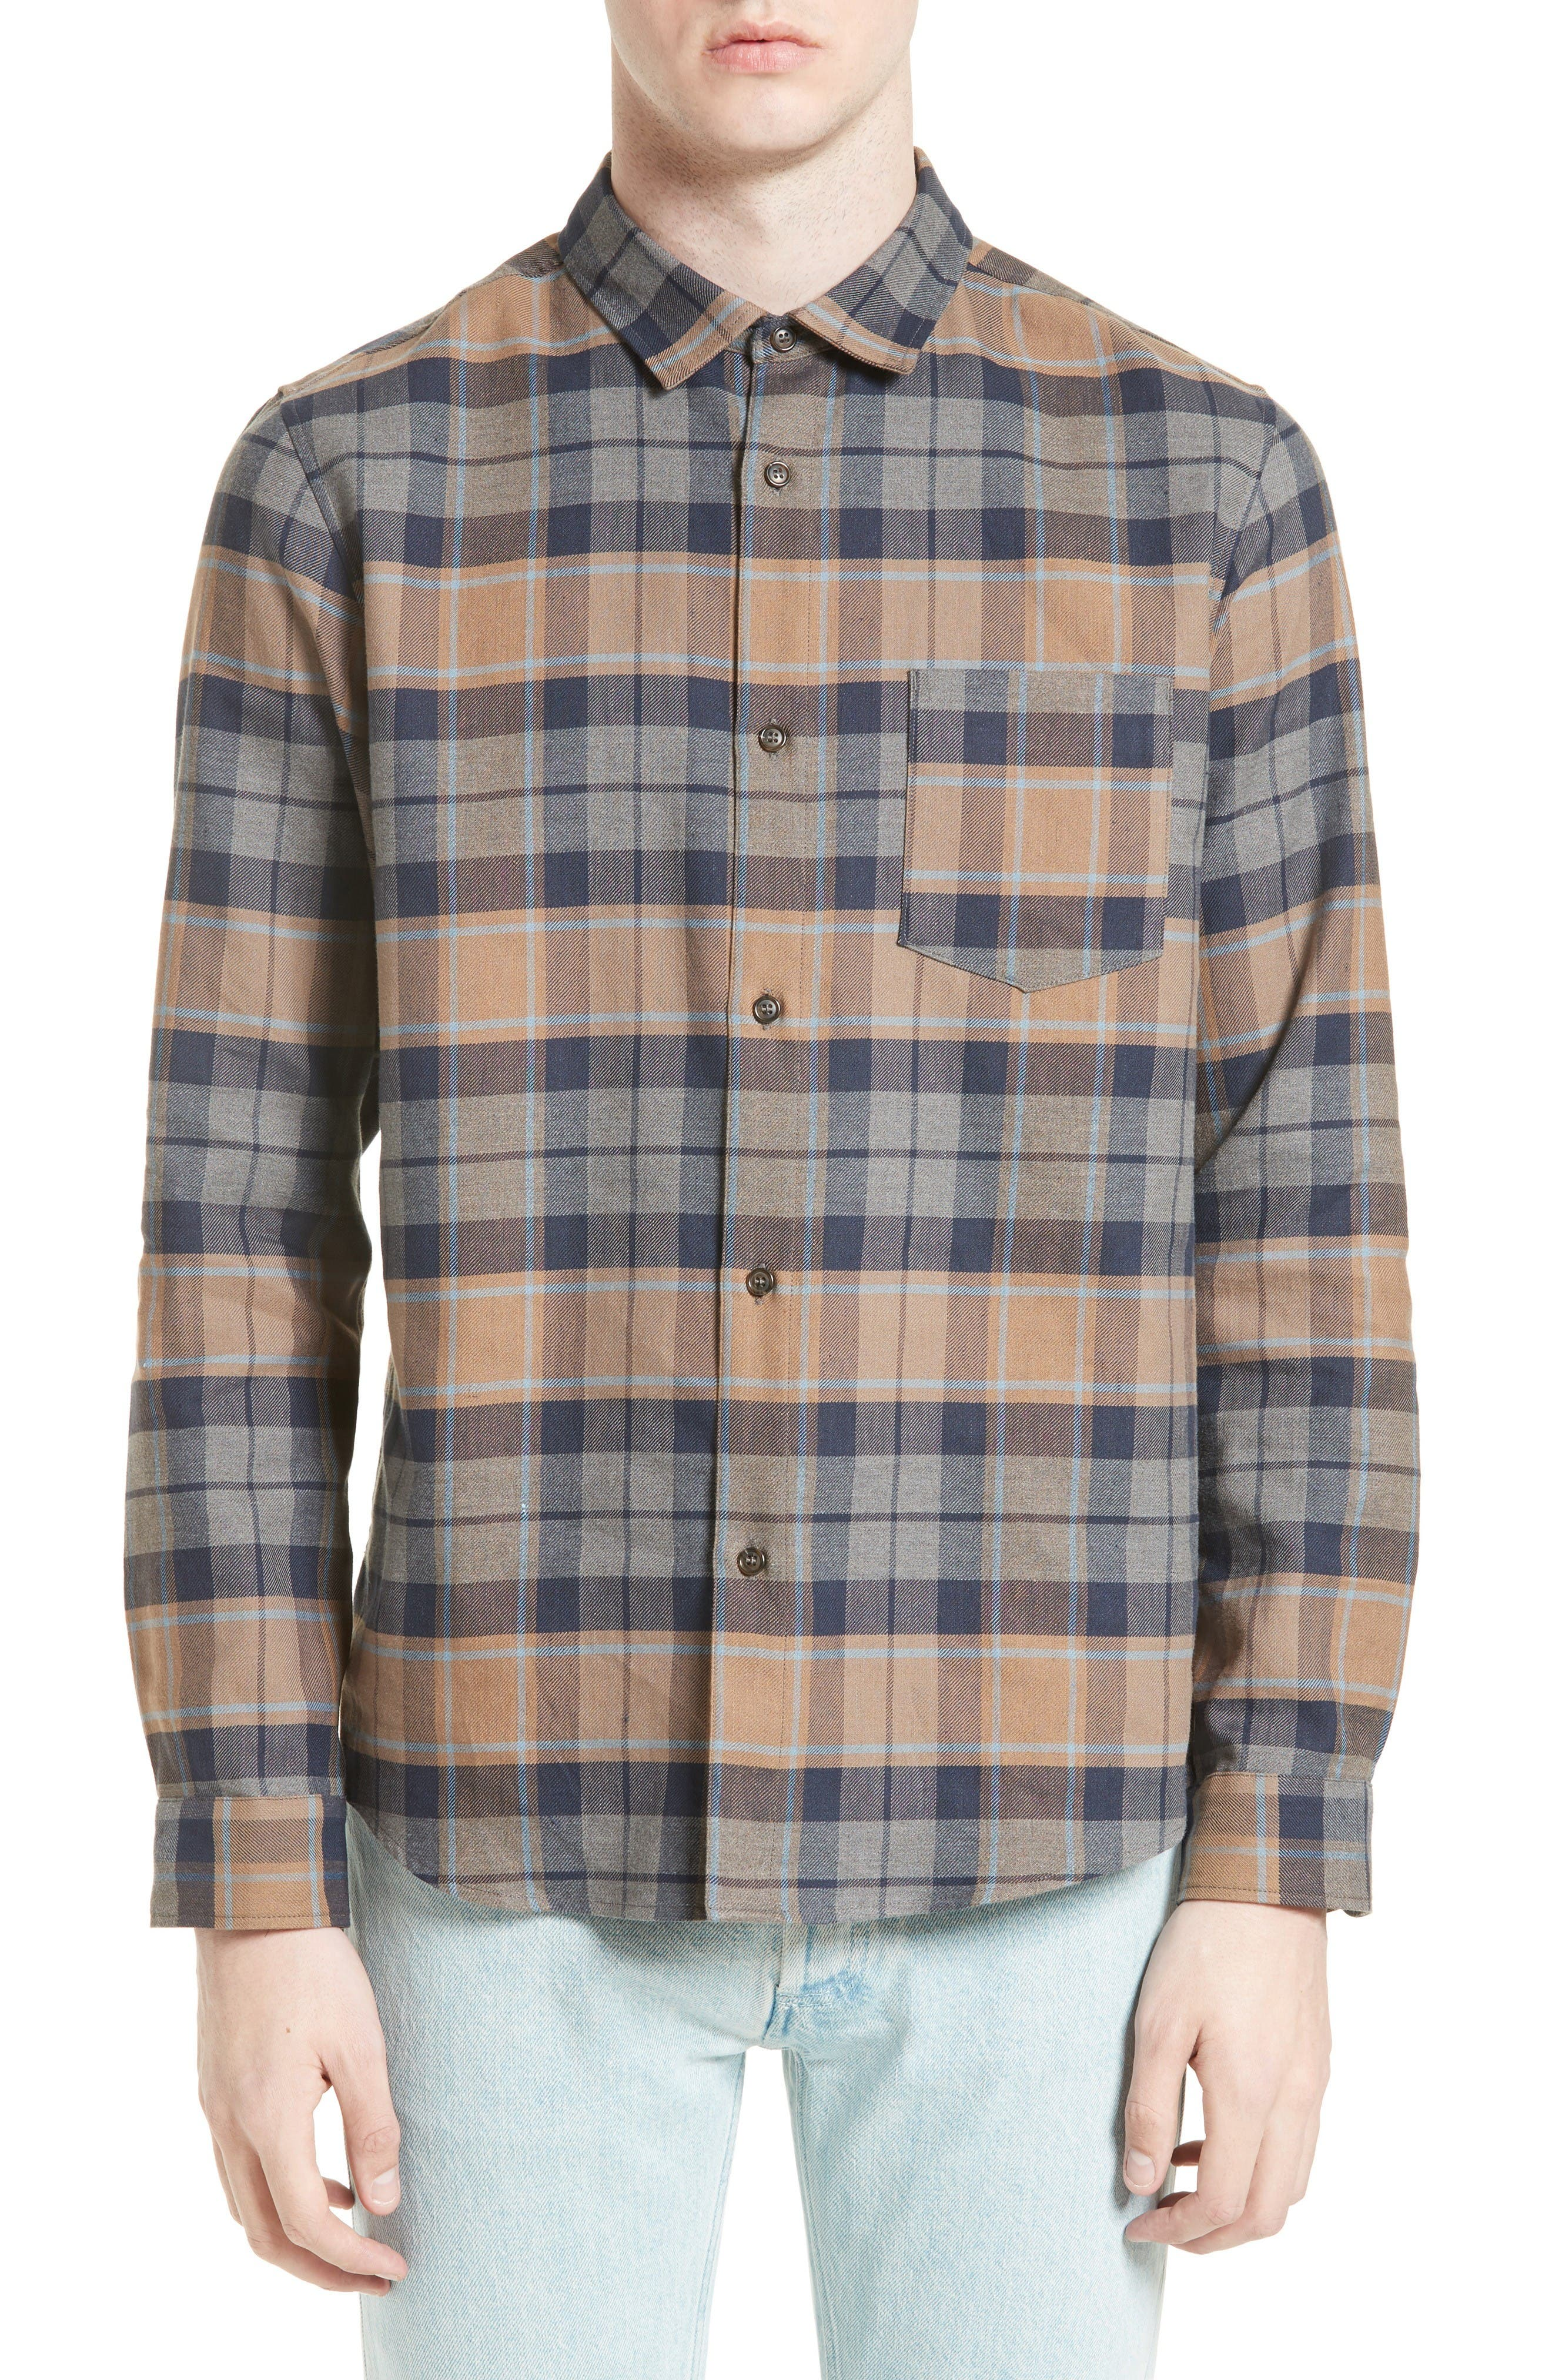 A.P.C. Extra Trim Fit Milan Plaid Cotton & Linen Shirt